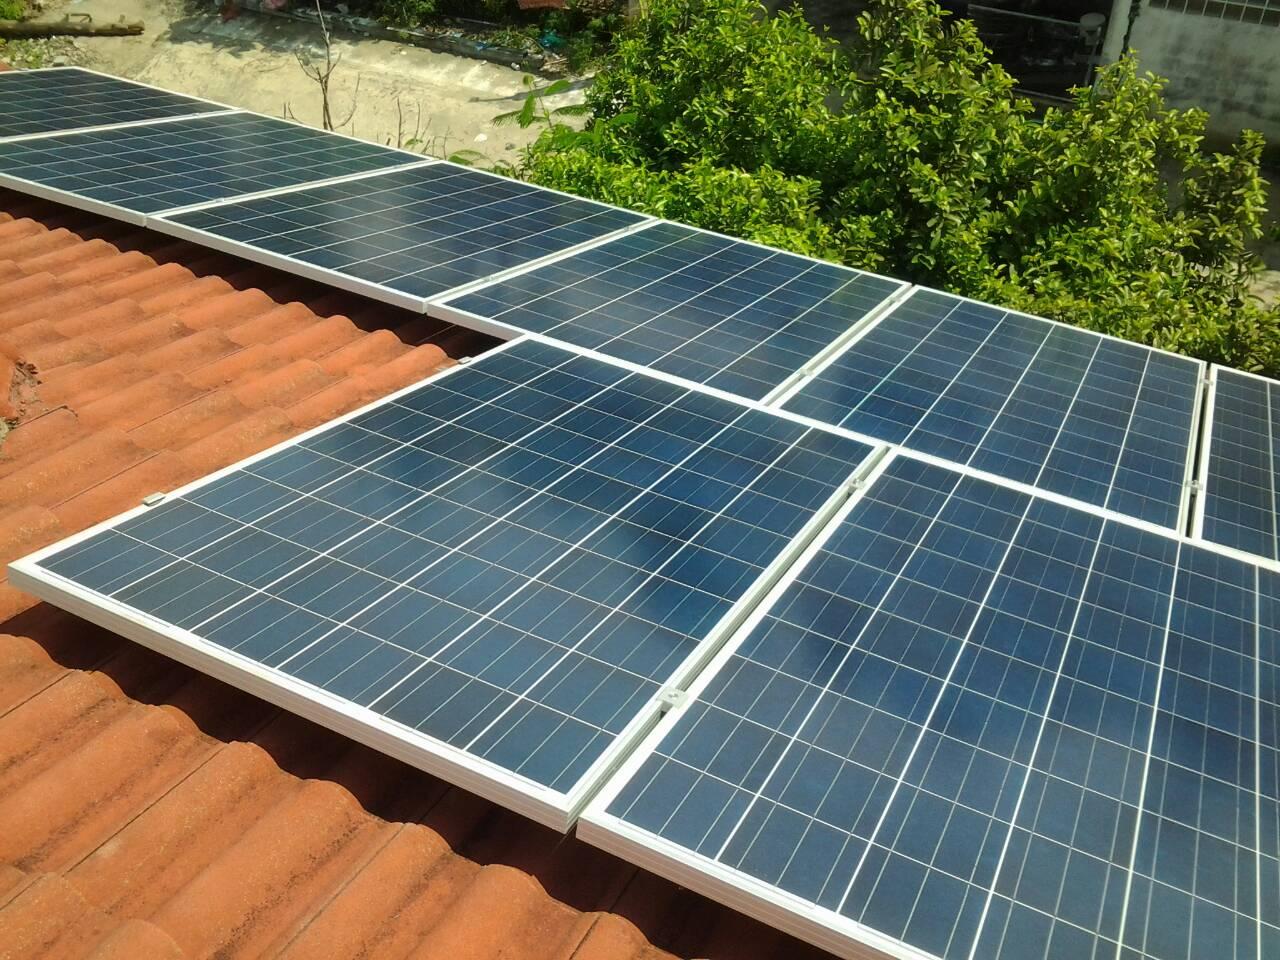 รับติดตั้ง solarcell รับเหมาติดตั้ง เดินไฟ